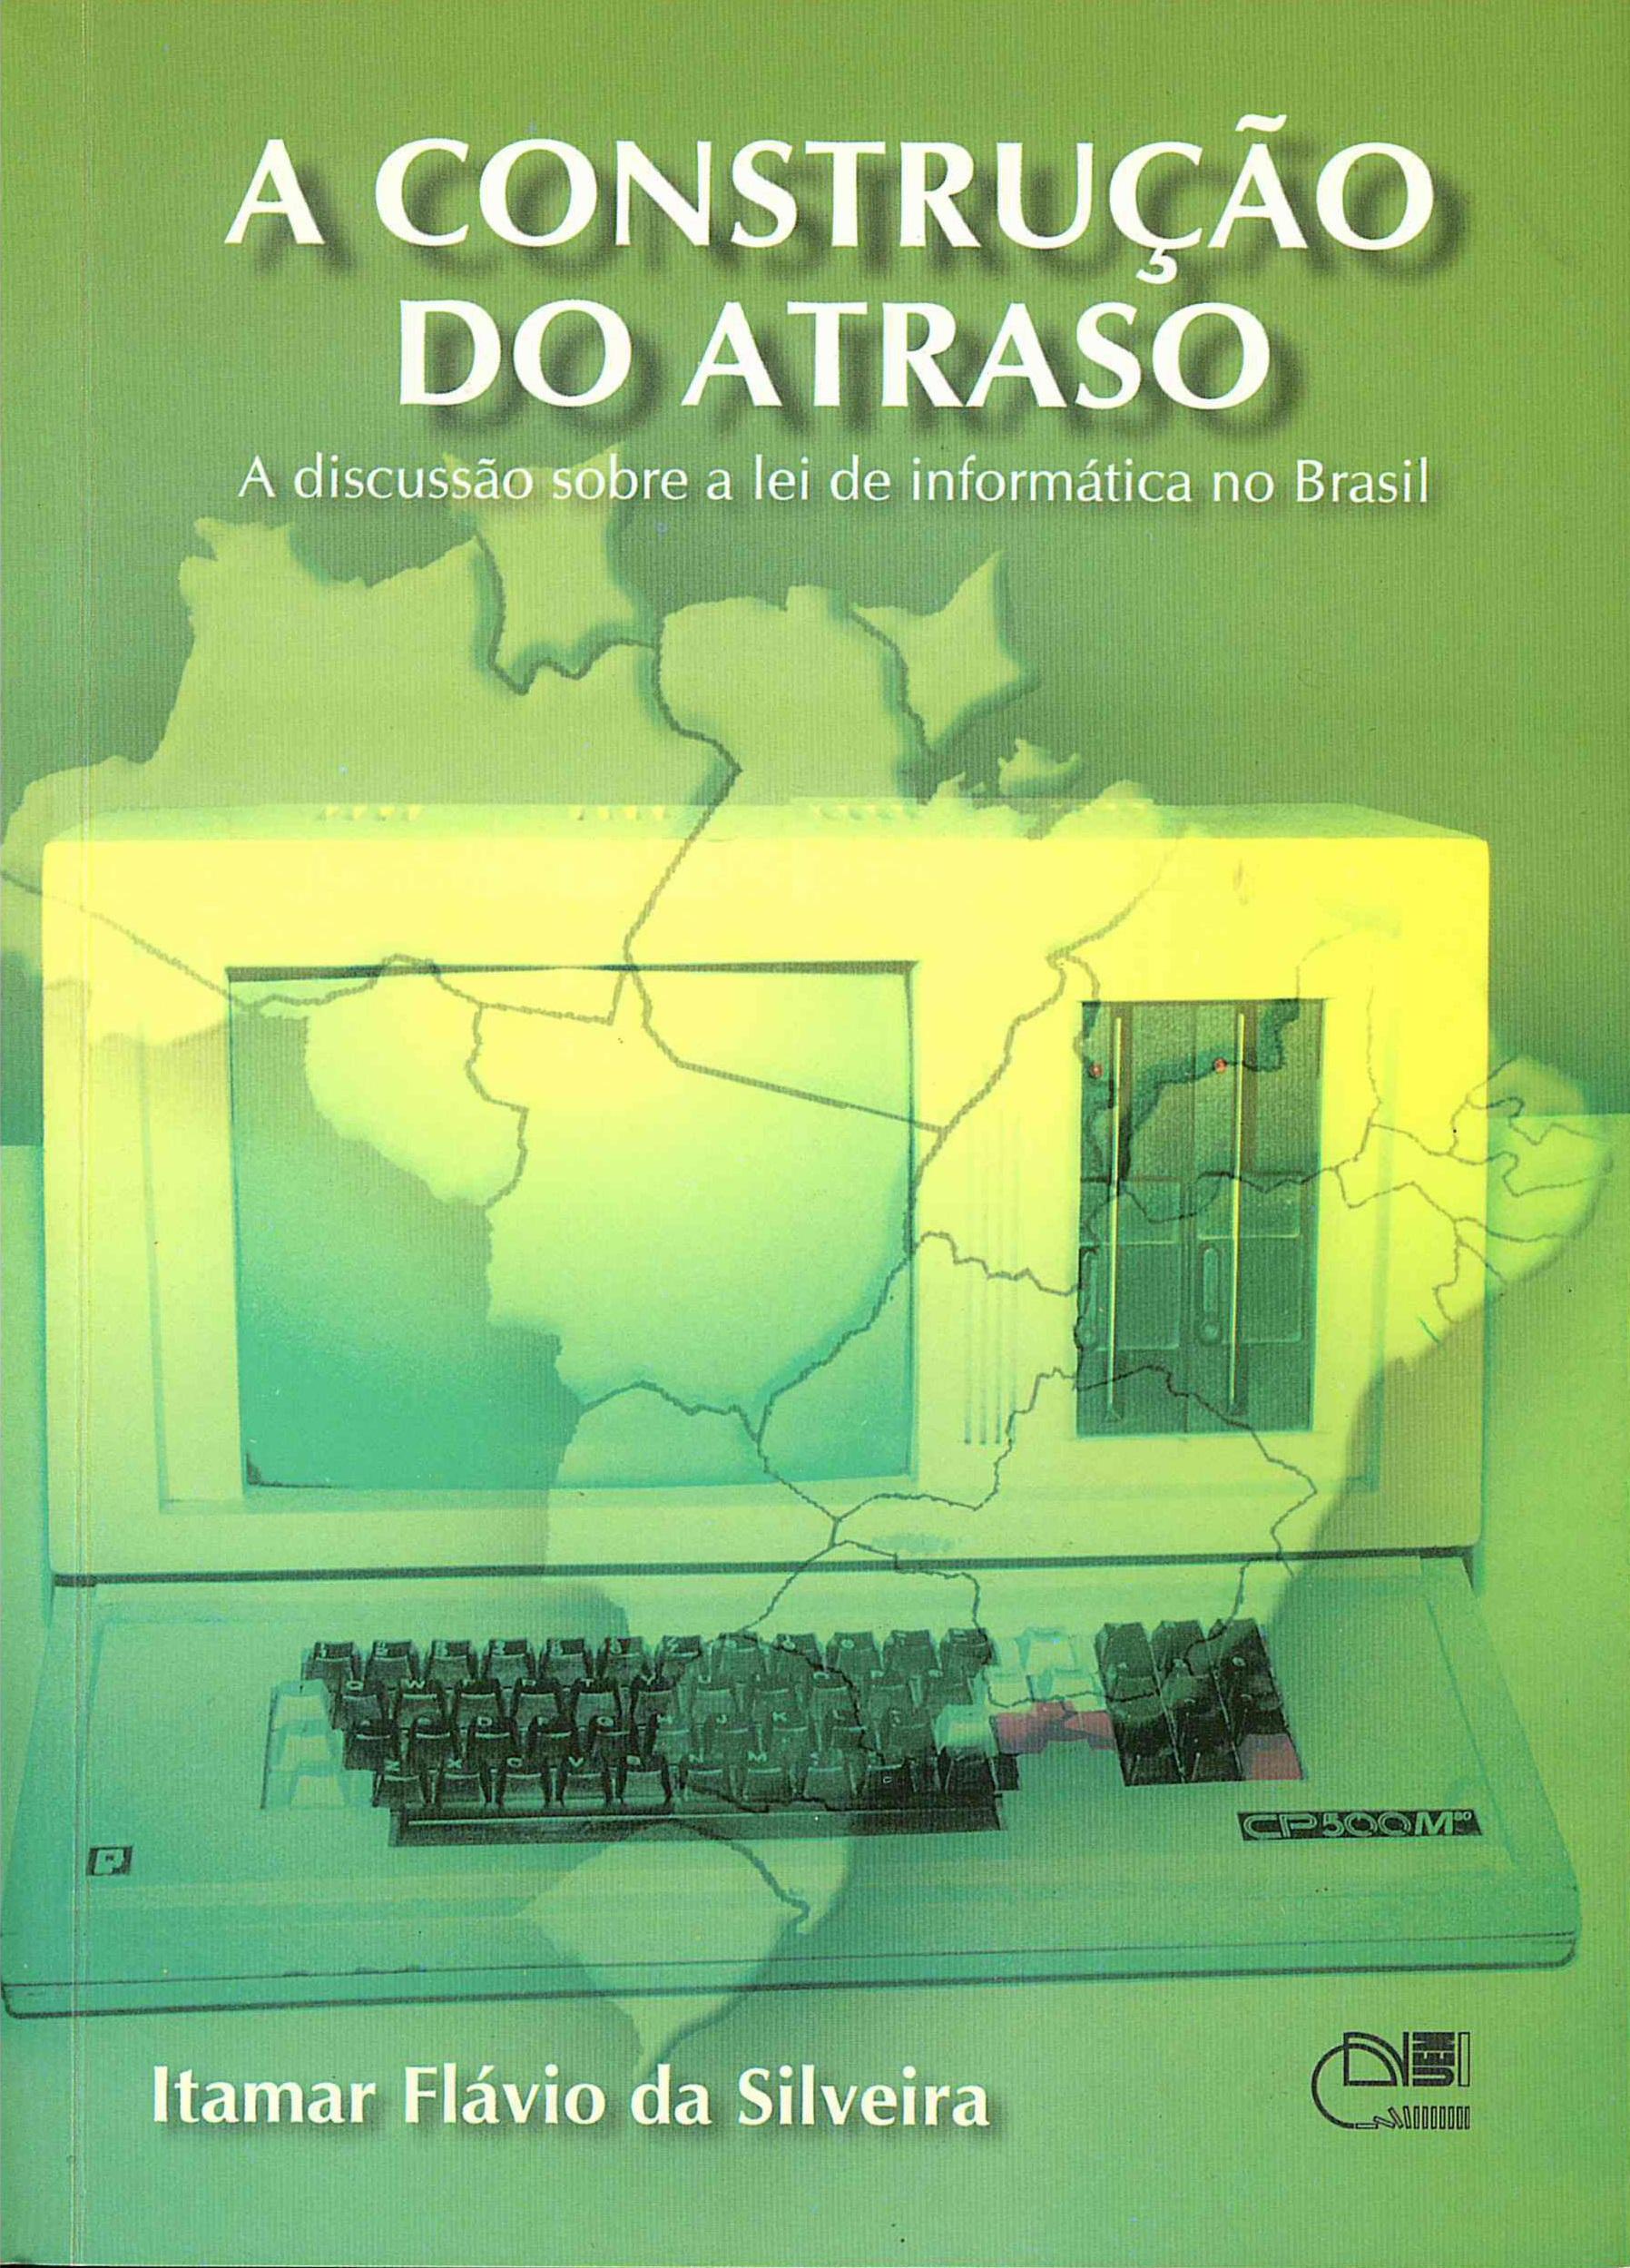 A construção do atraso: a discussão sobre a lei de informática no Brasil